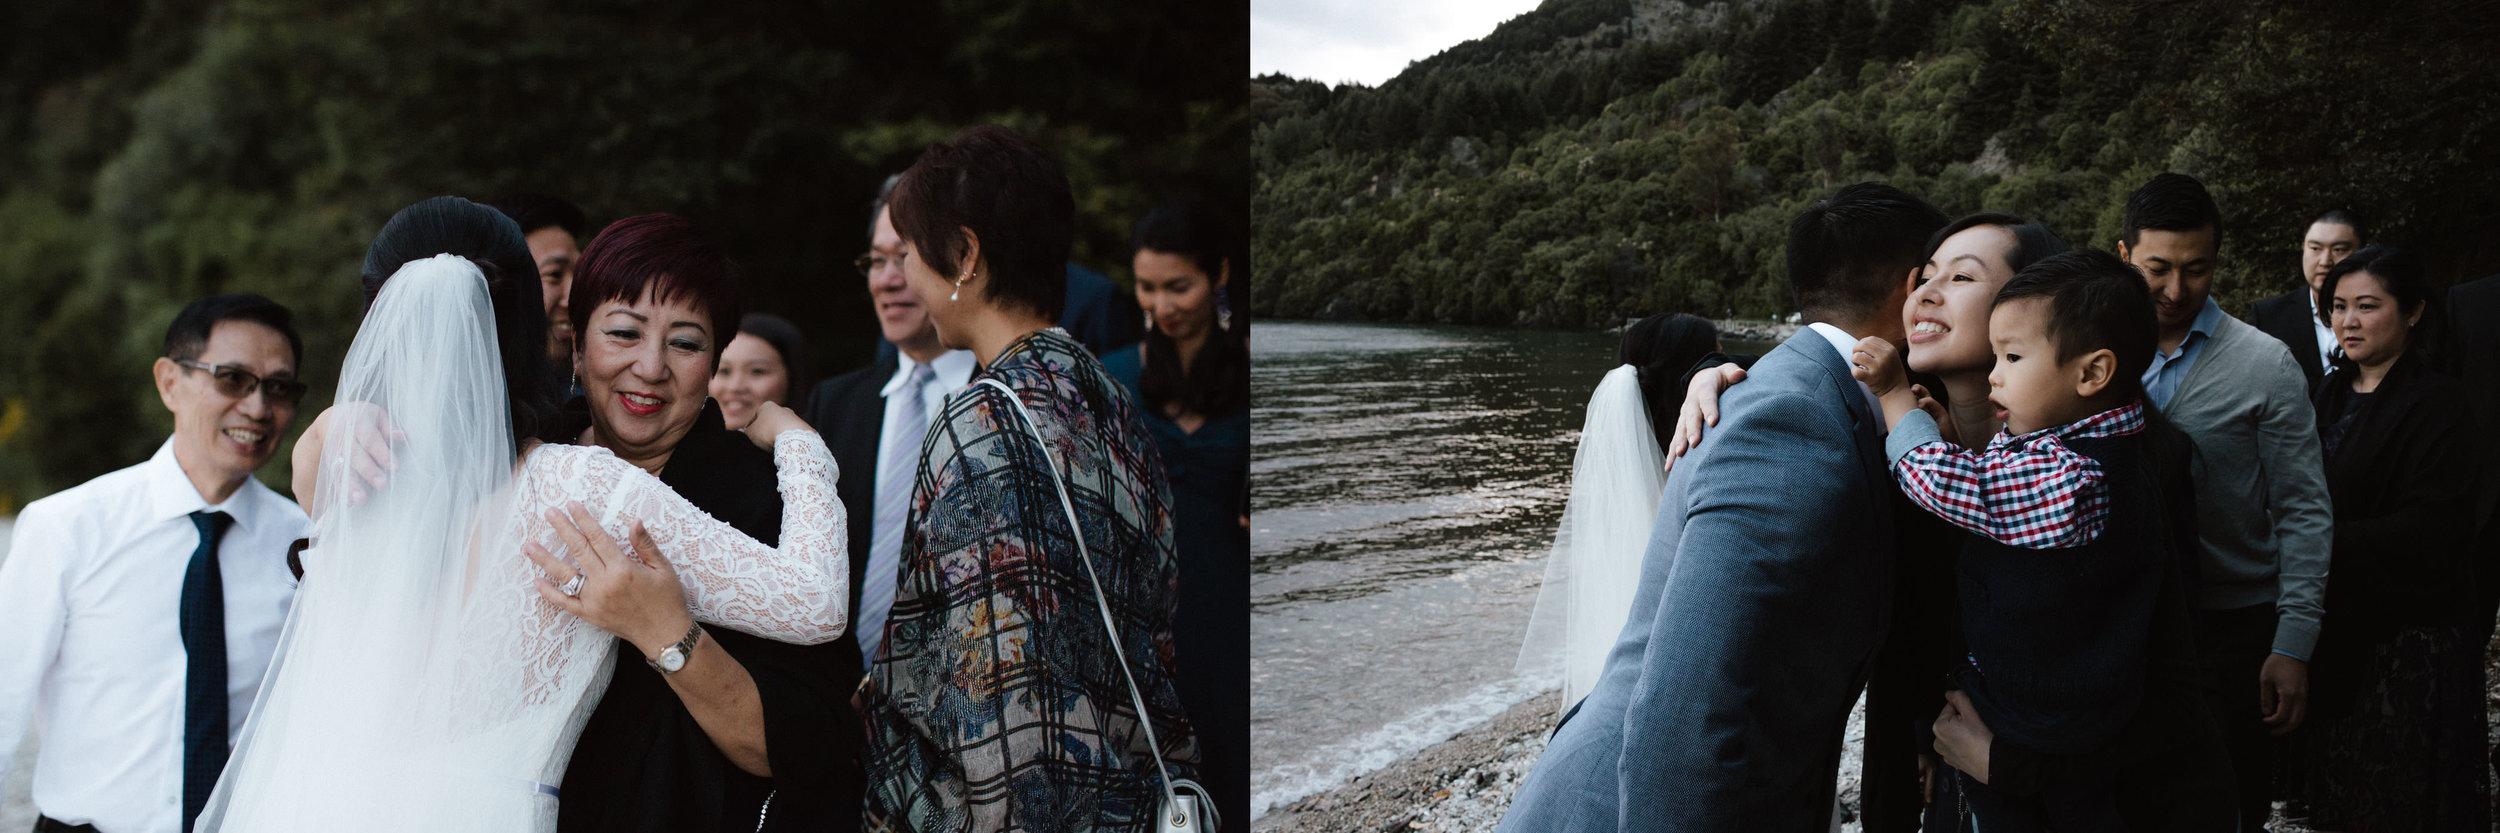 New Zealand Queesntown Elopement wedding 12.jpg